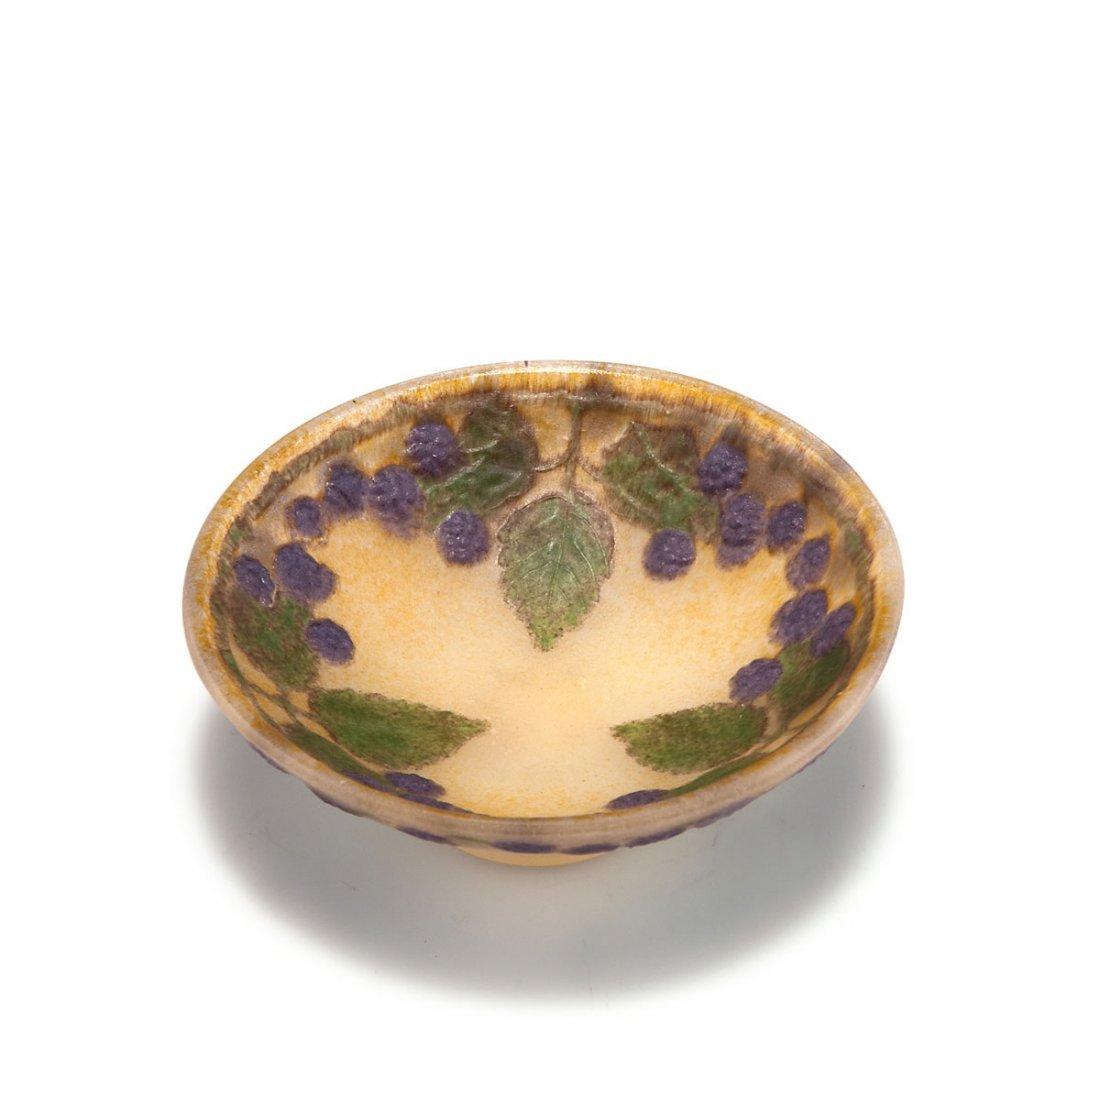 Gabriel Argy-Rousseau, Paris. 'Mûres' bowl, 1914. H.